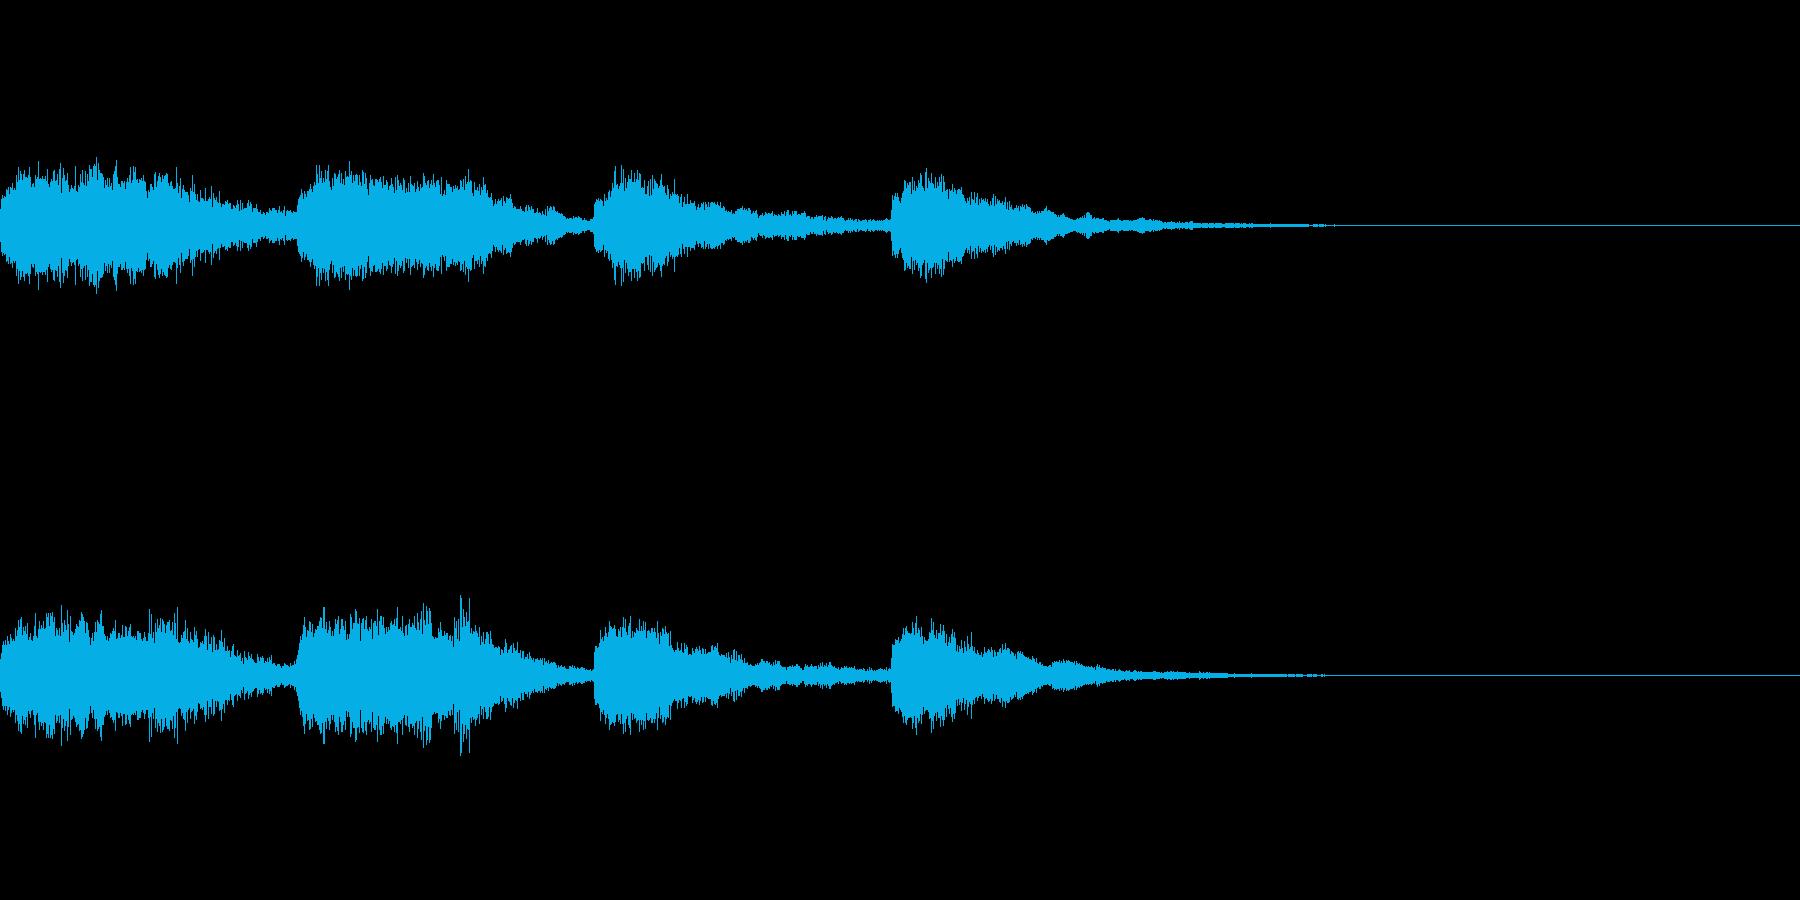 不気味なチャイムジングルの再生済みの波形